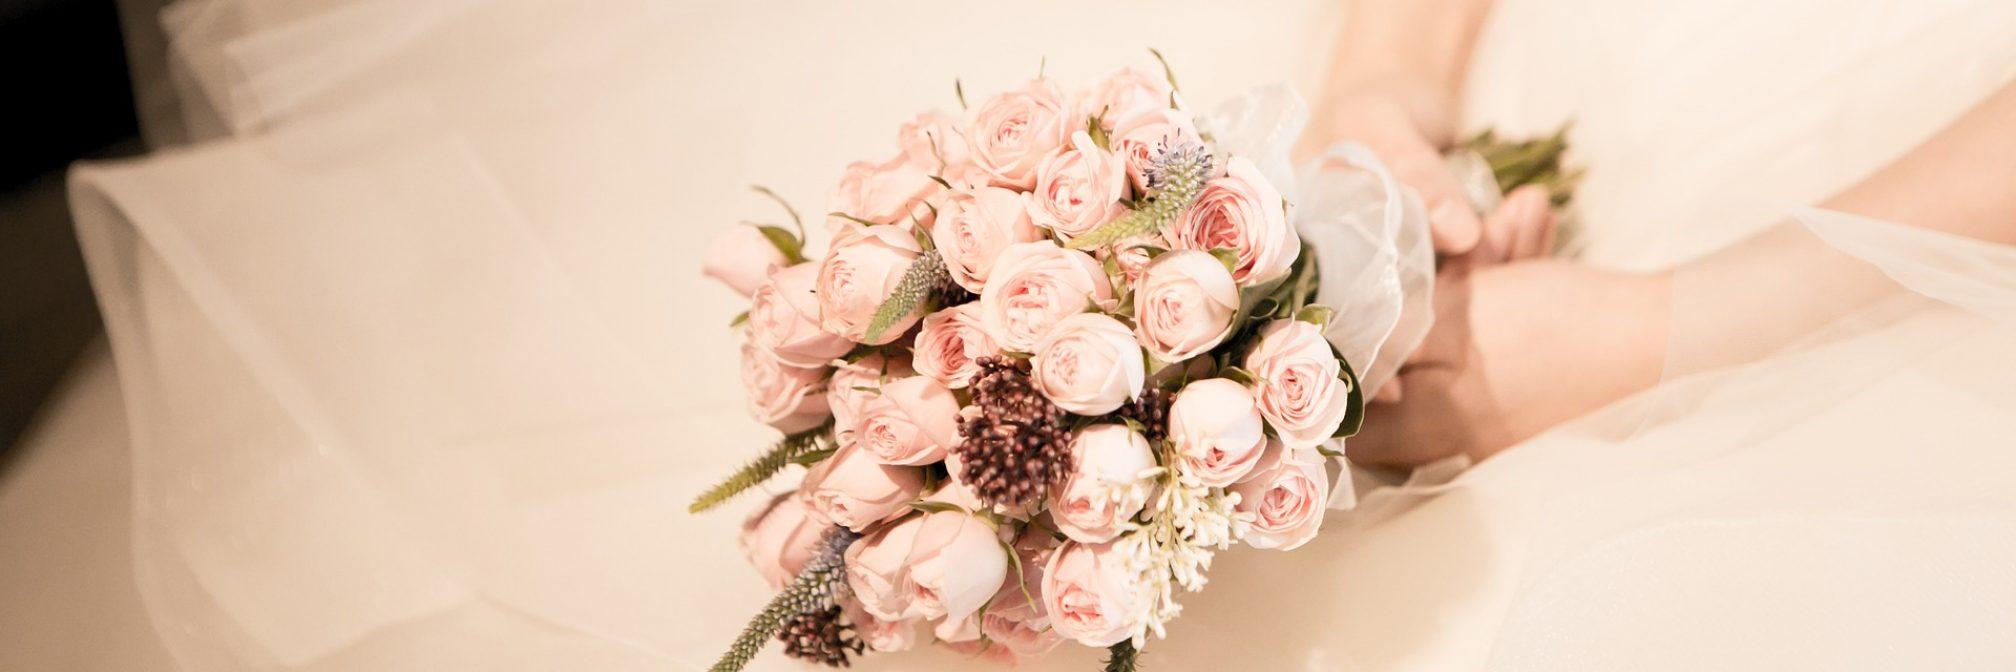 bouquet-1571668_1920